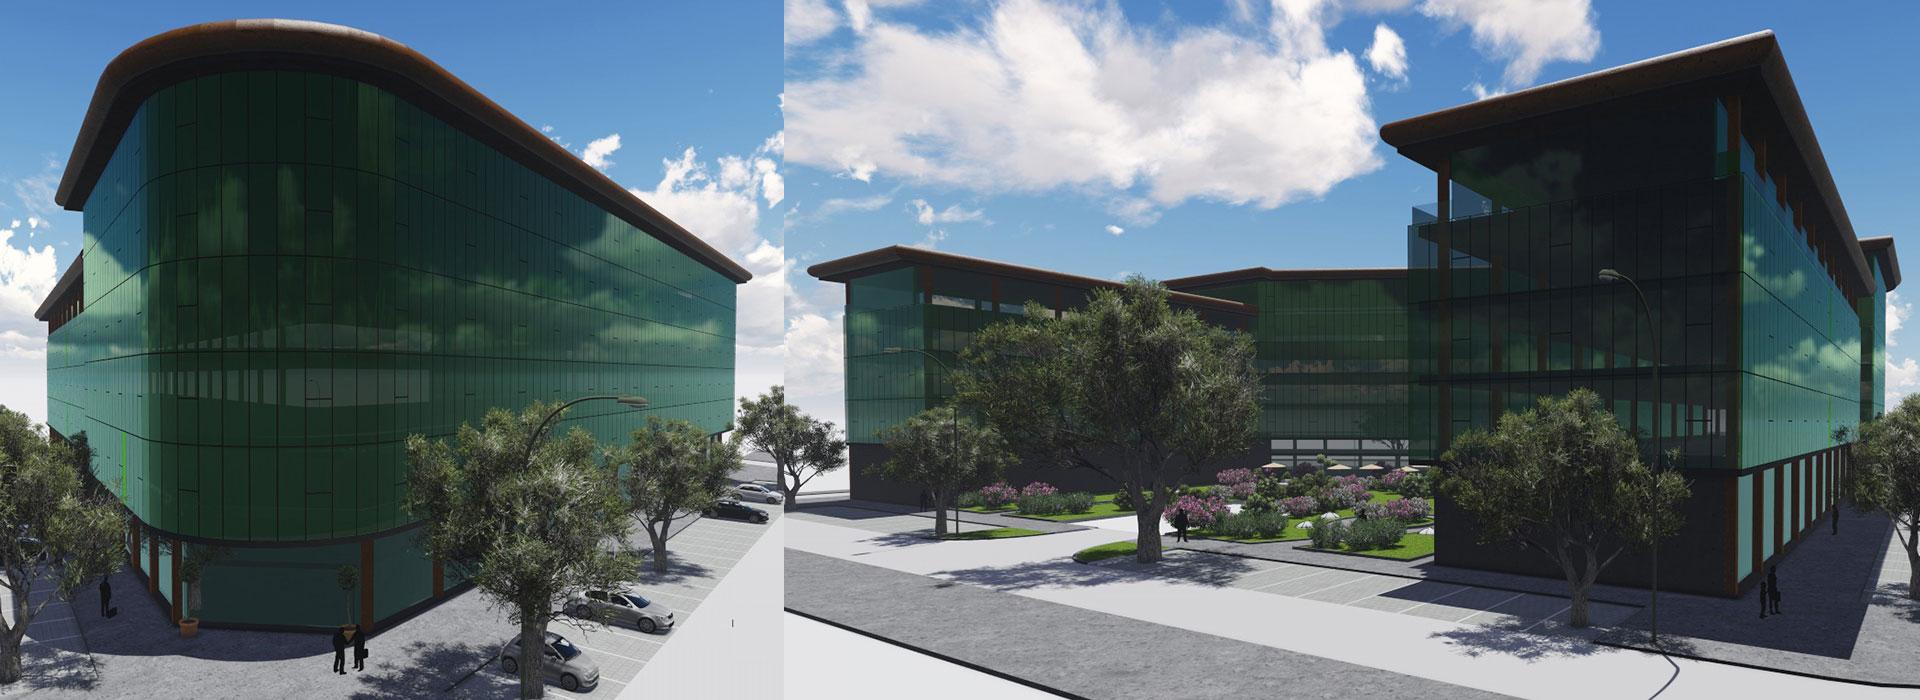 Arhitekt slideshow new